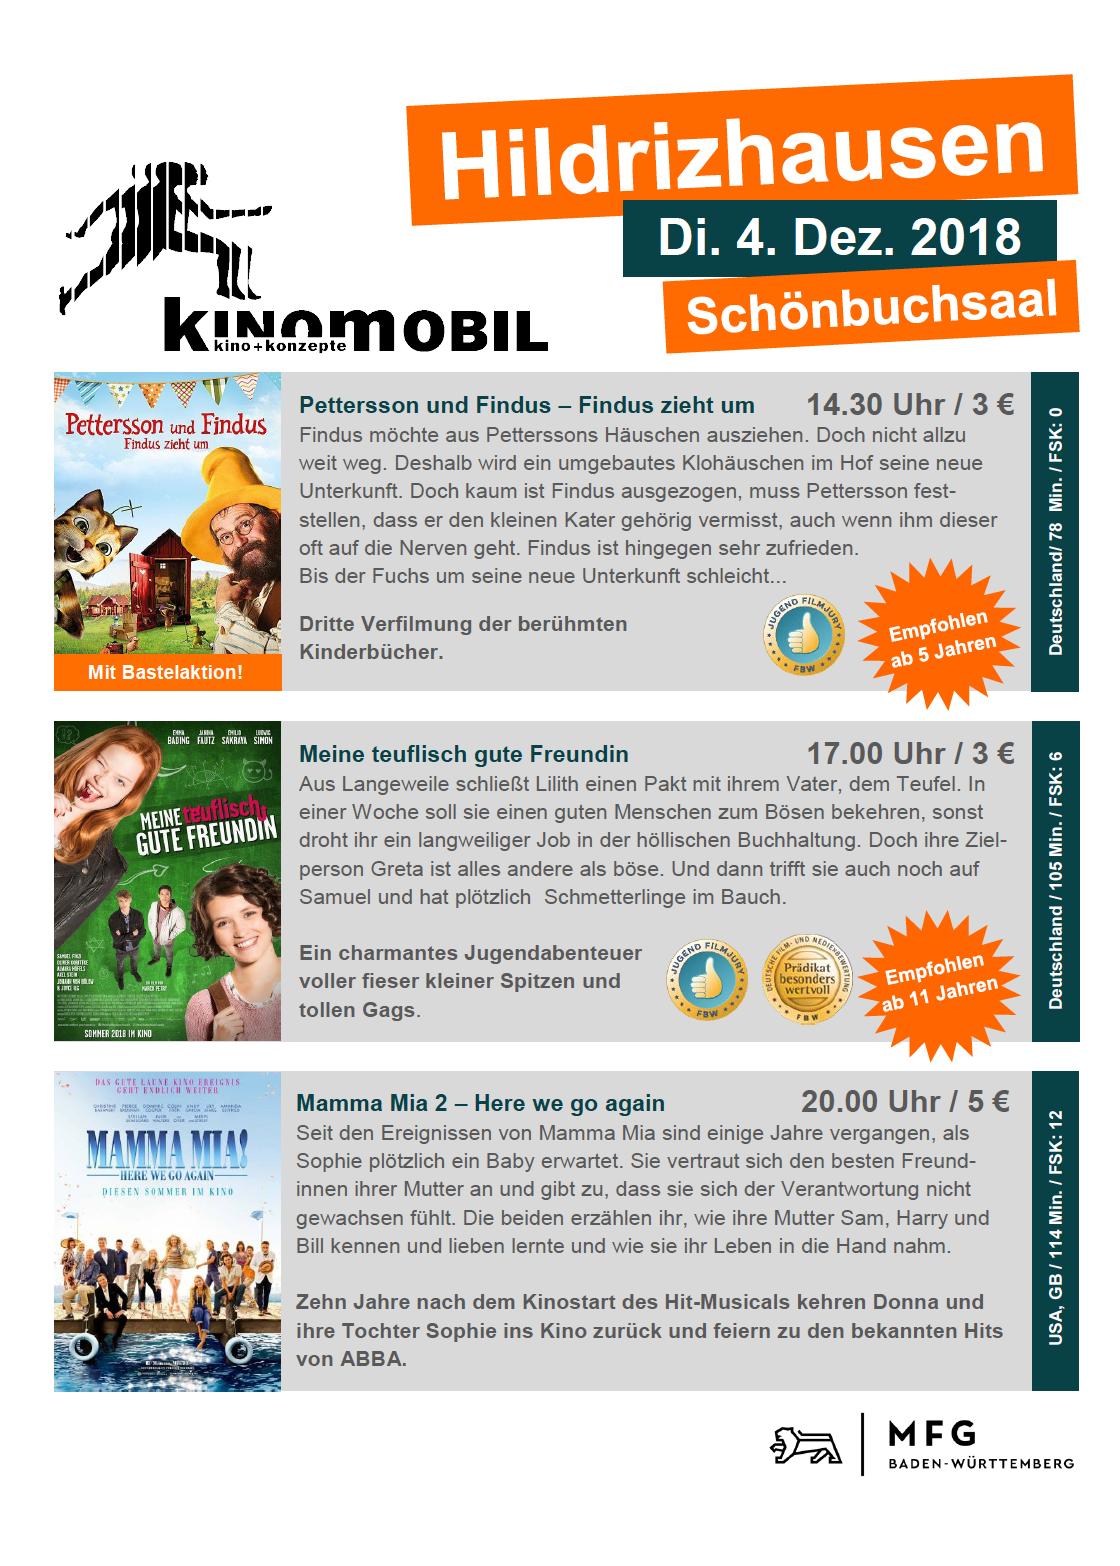 Das Kinomobil am 04. Dezember in Hildrizhausen